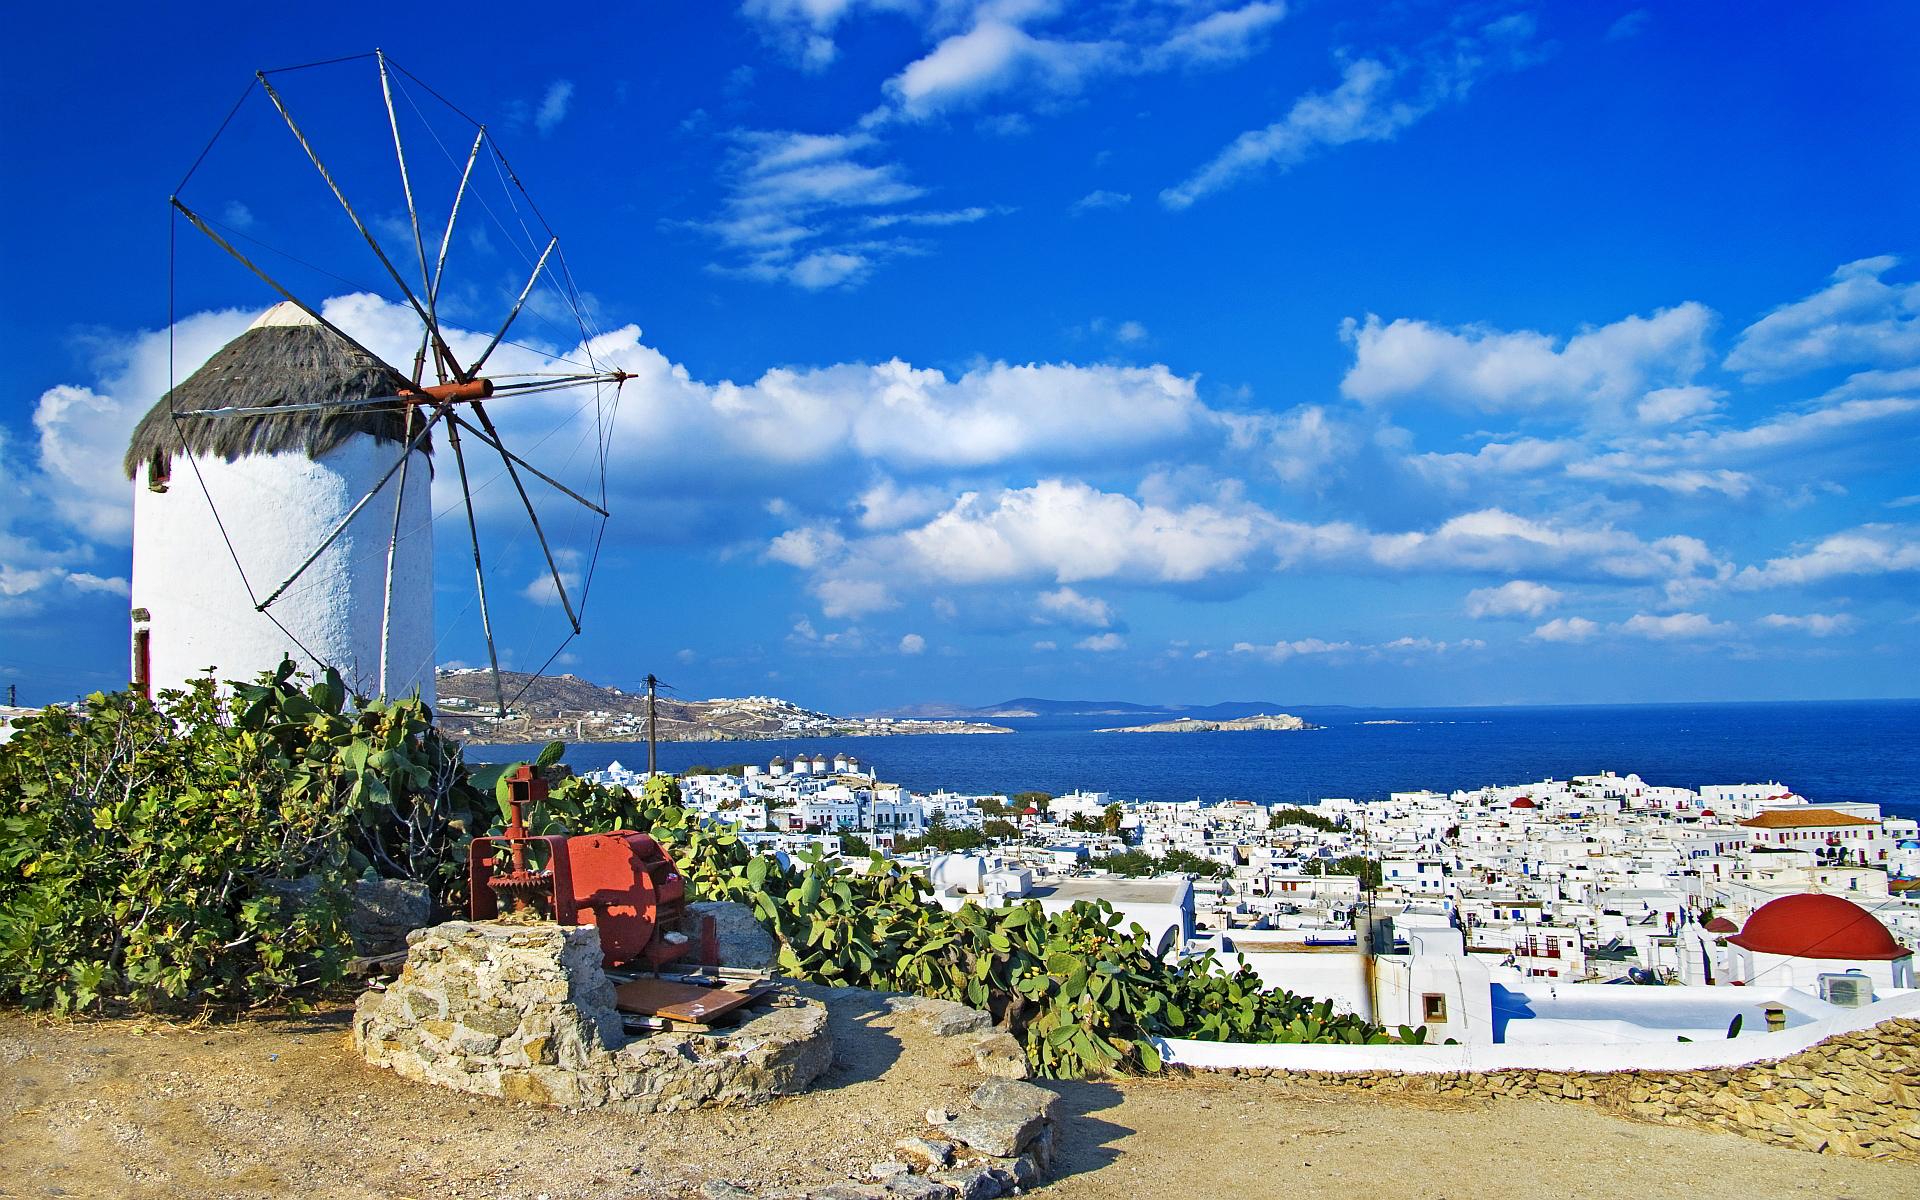 Guida Completa Alle Isole Greche Turista Fai Da Te